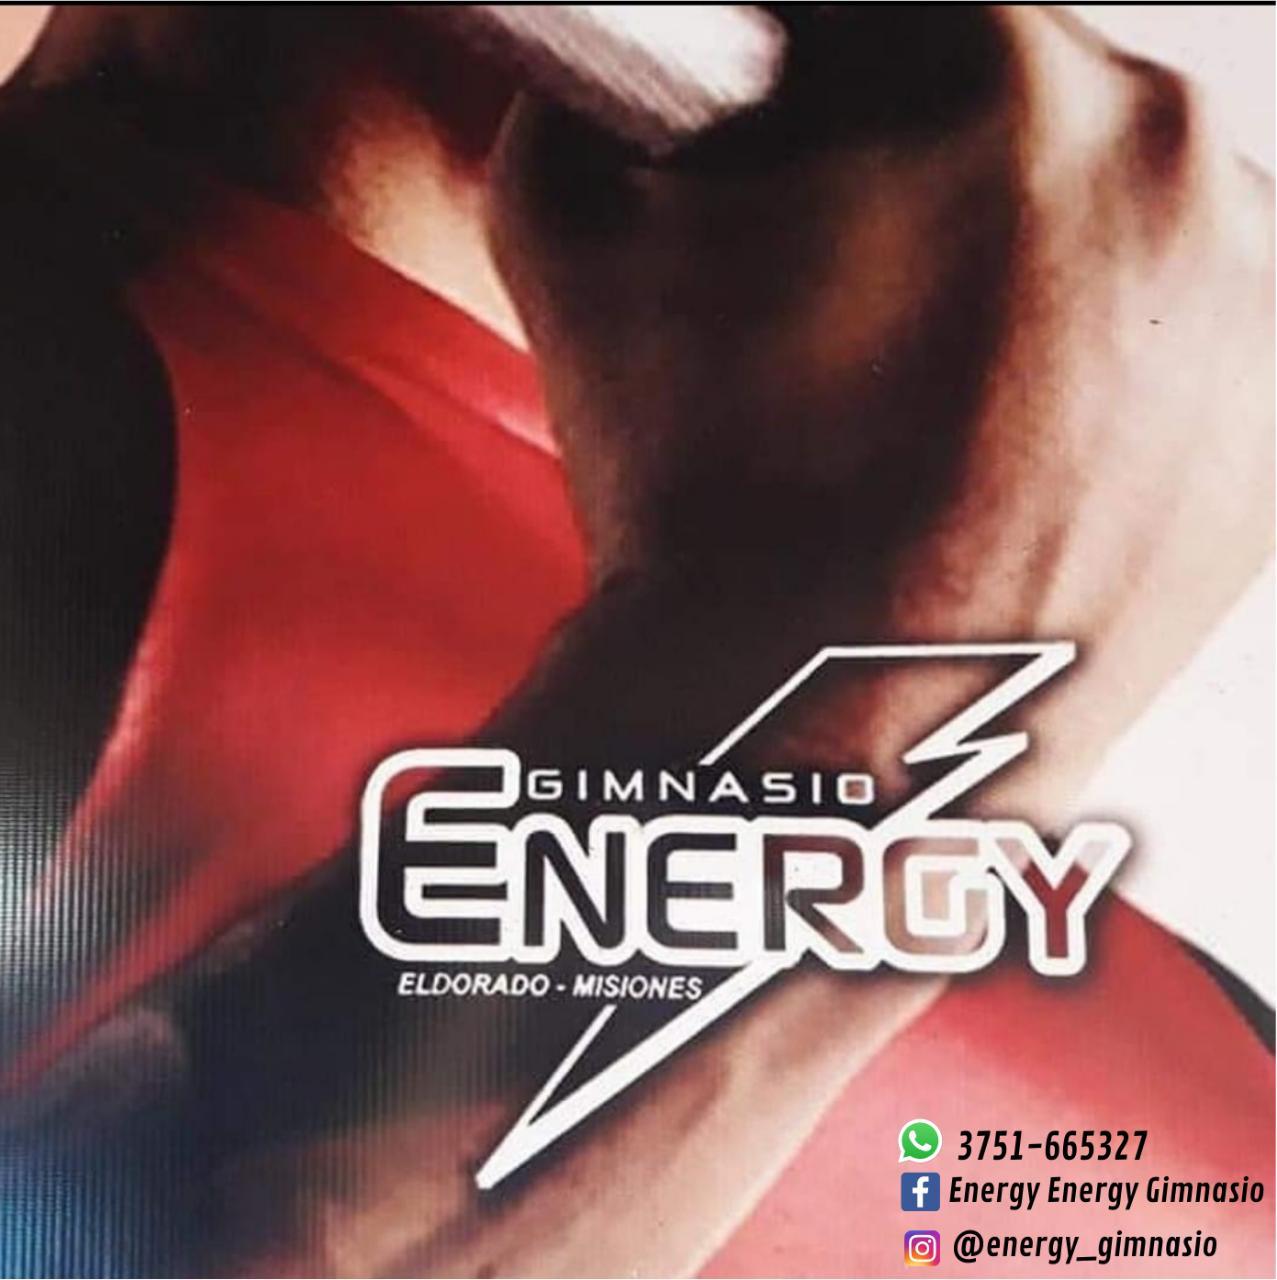 Gimnasio Energy